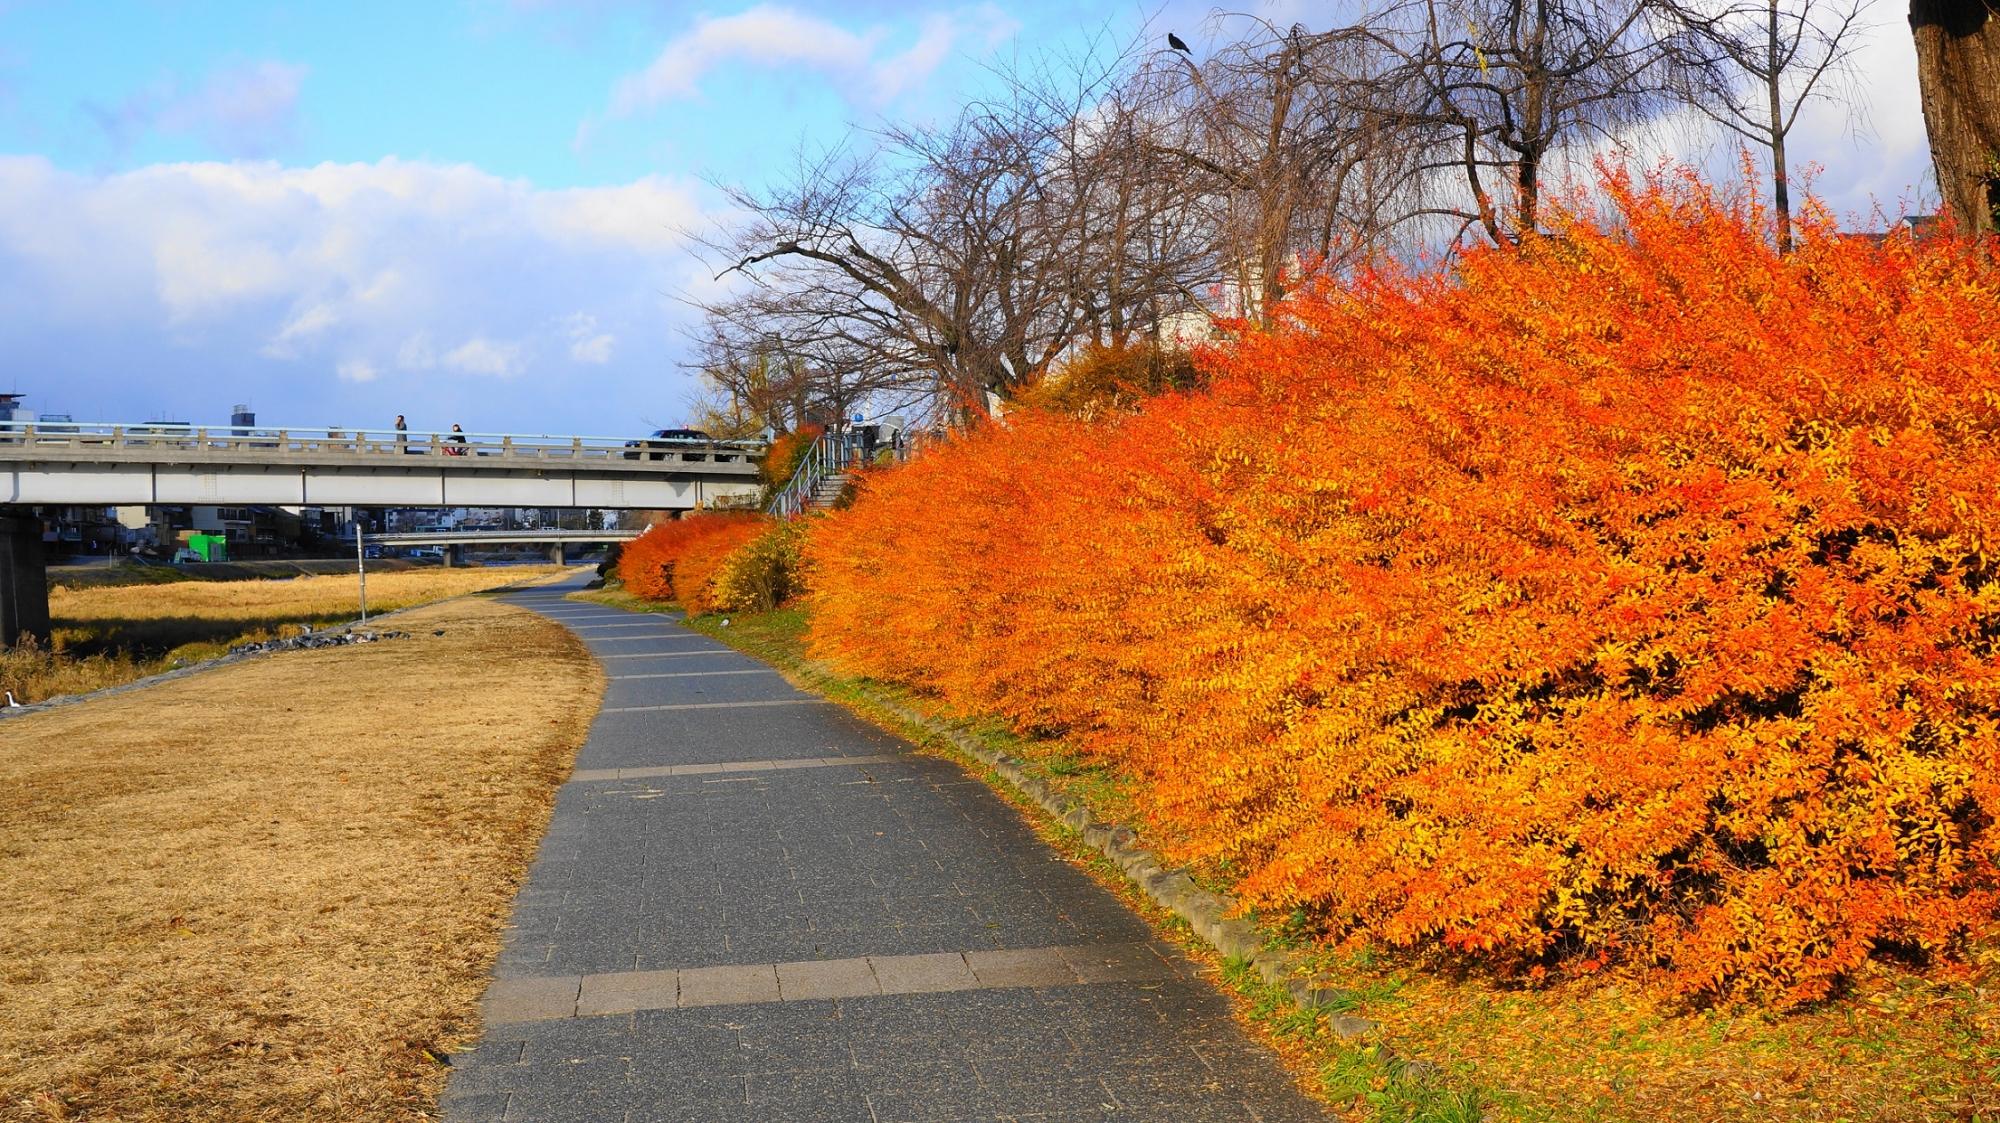 鴨川 冬の雪柳 五条付近 オレンジ 紅葉